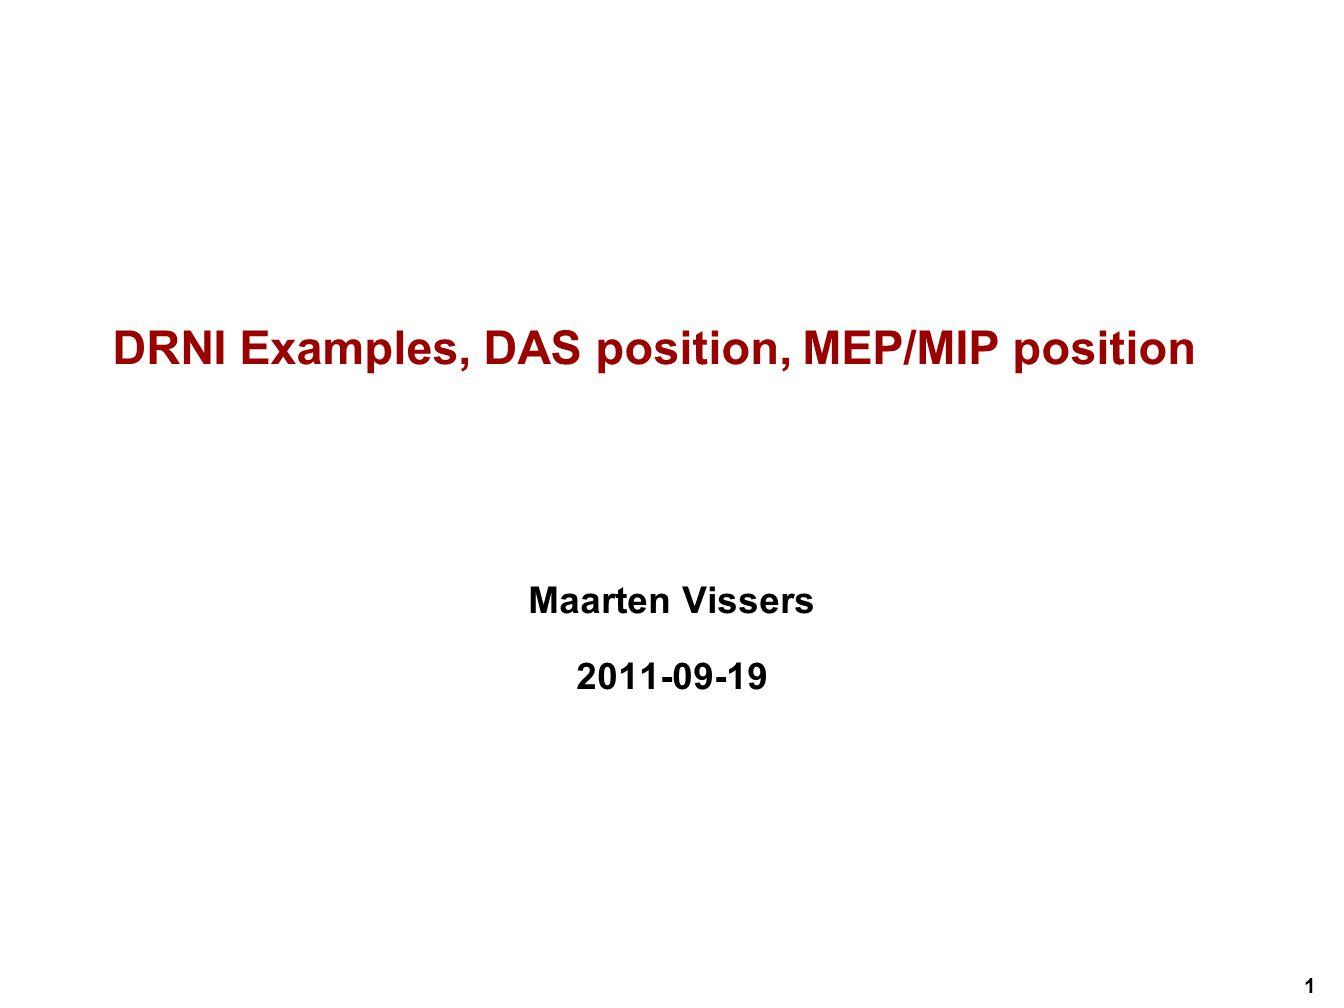 DRNI Examples, DAS position, MEP/MIP position